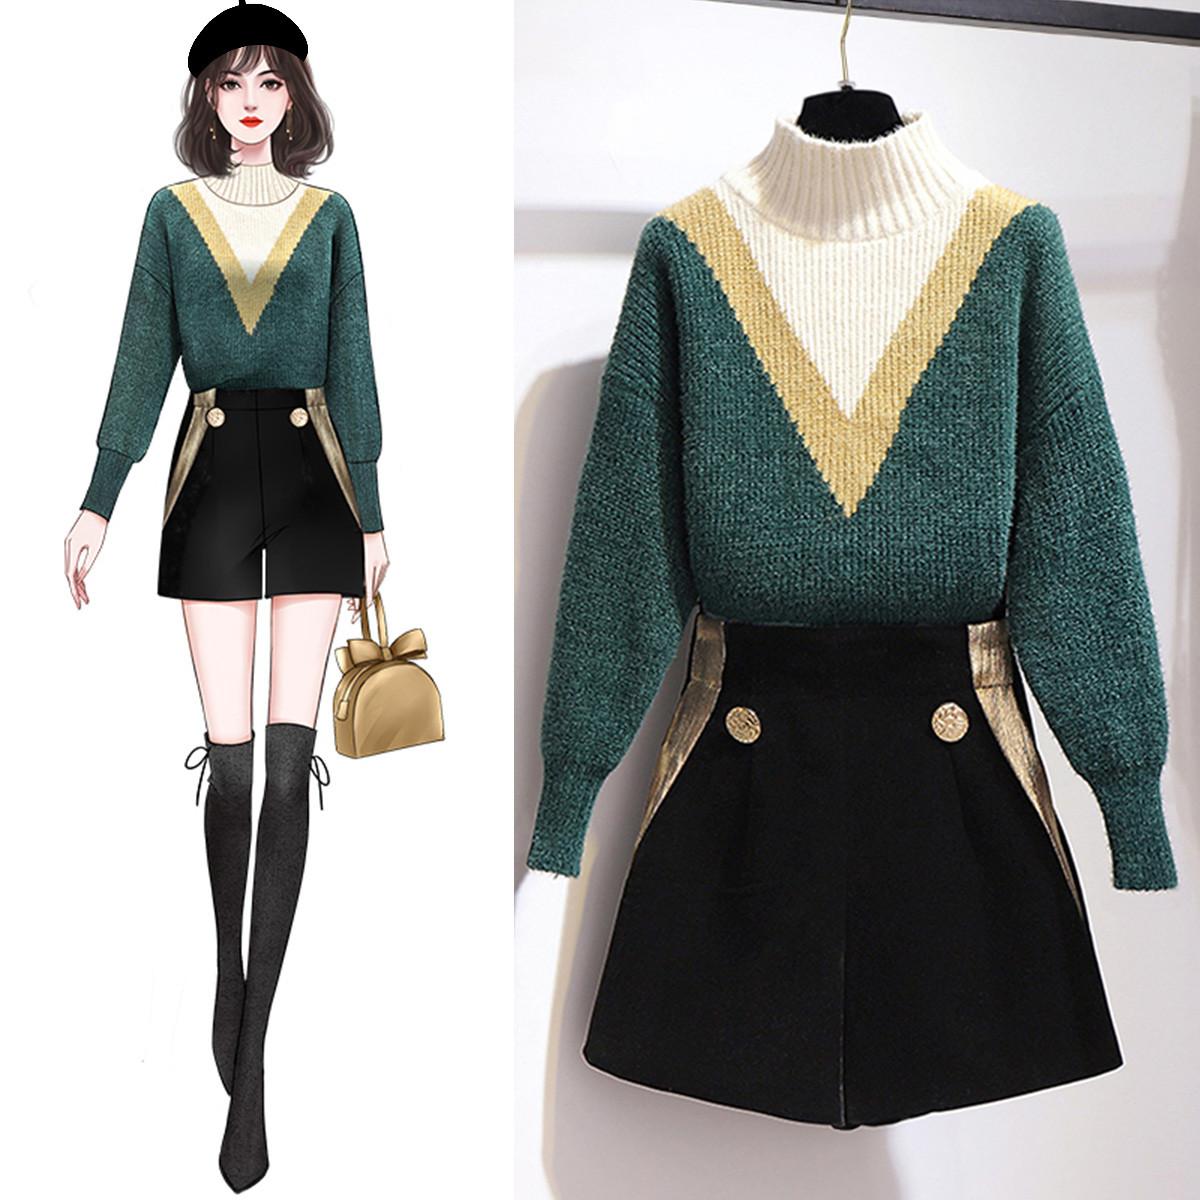 2020冬季气质半高领撞色针织毛衣套装时尚热裤小香风套装女